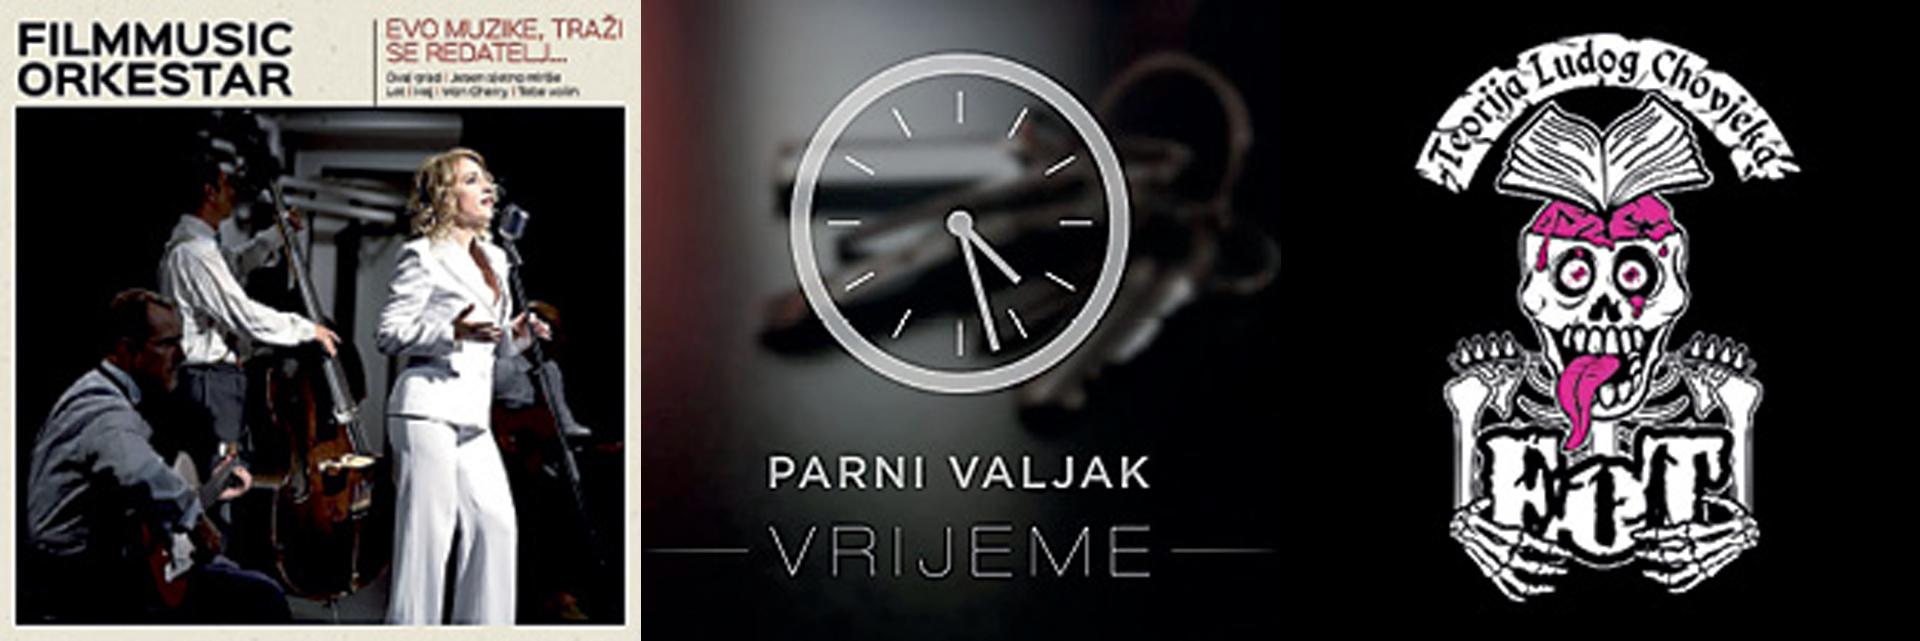 GLAZBENE RECENZIJE Filmmusicorkestar, Parni Valjak, EOT